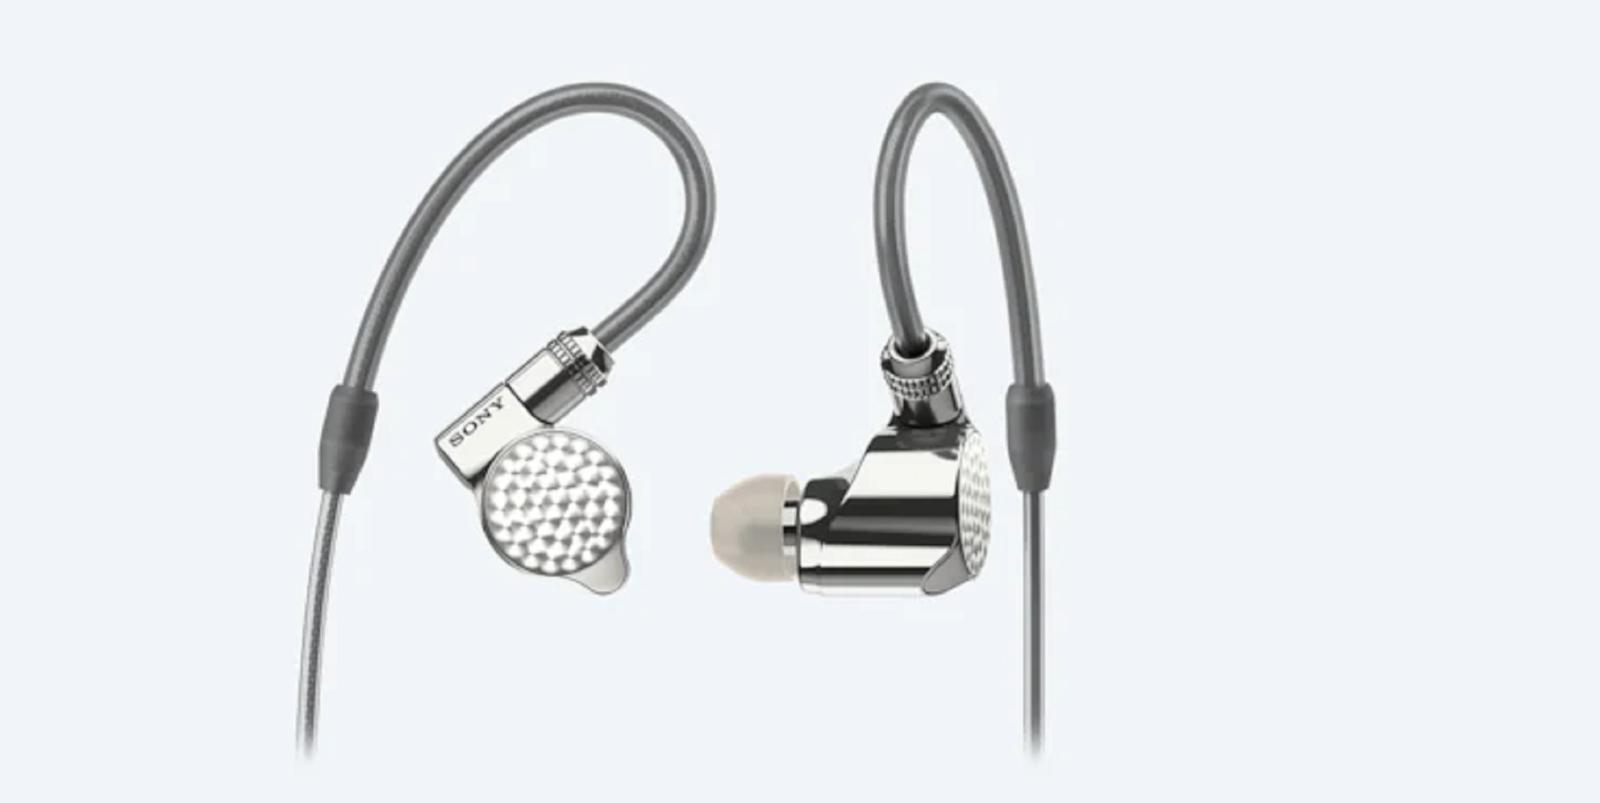 Sony trình làng mẫu tai nghe in-ear cao cấp đầu bảng IER-Z1R